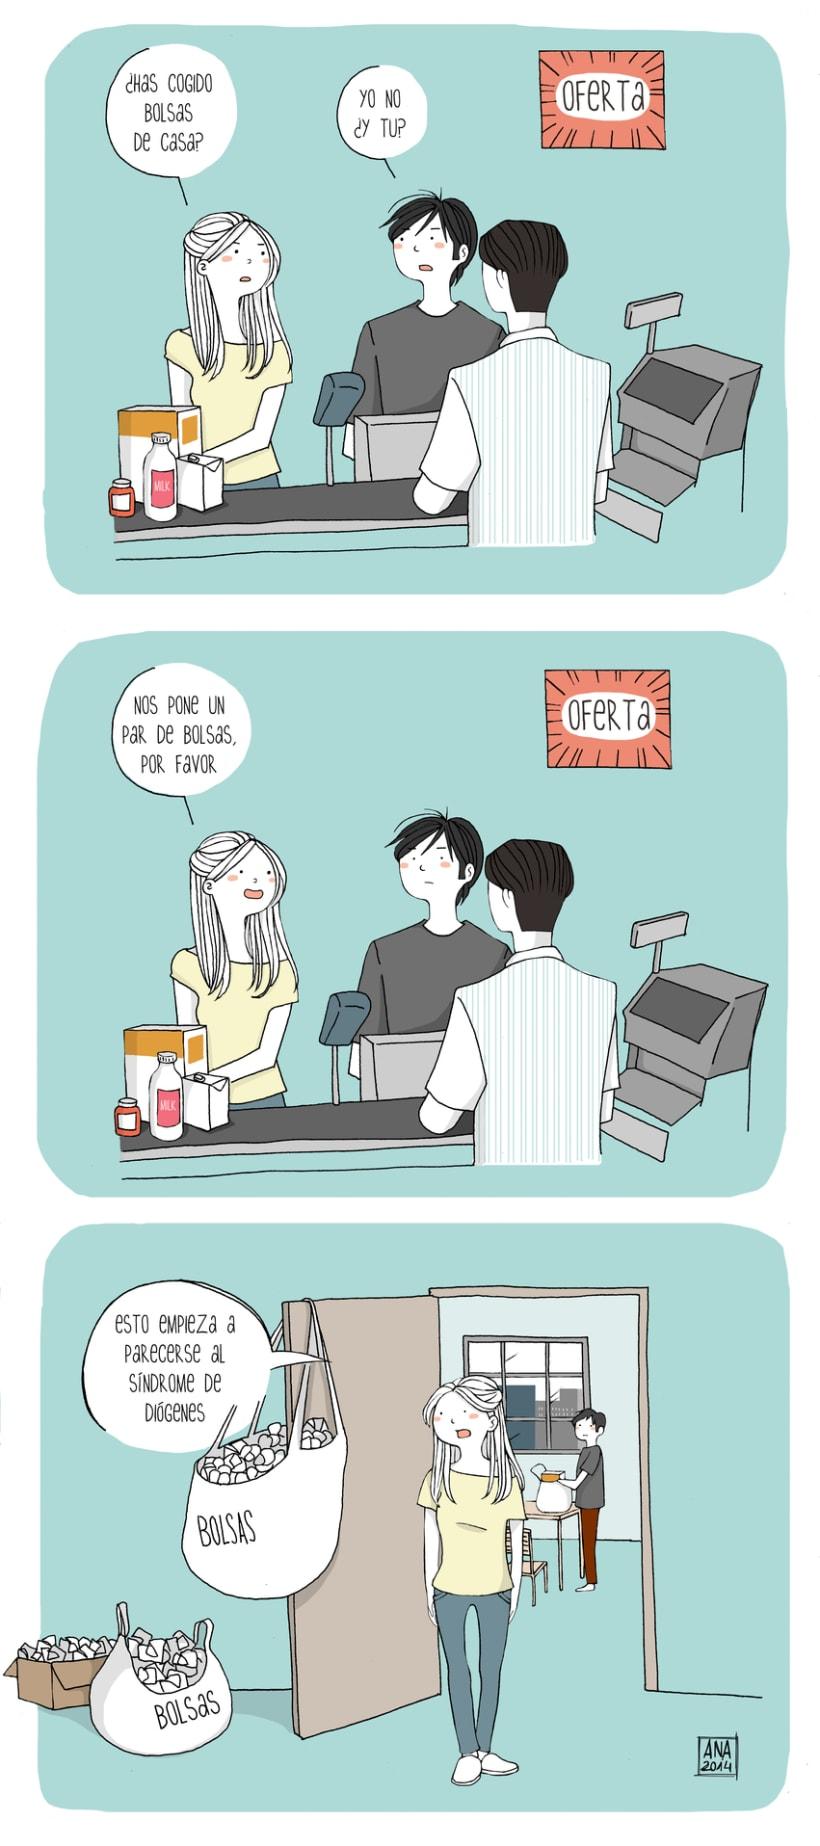 Web-comic 2